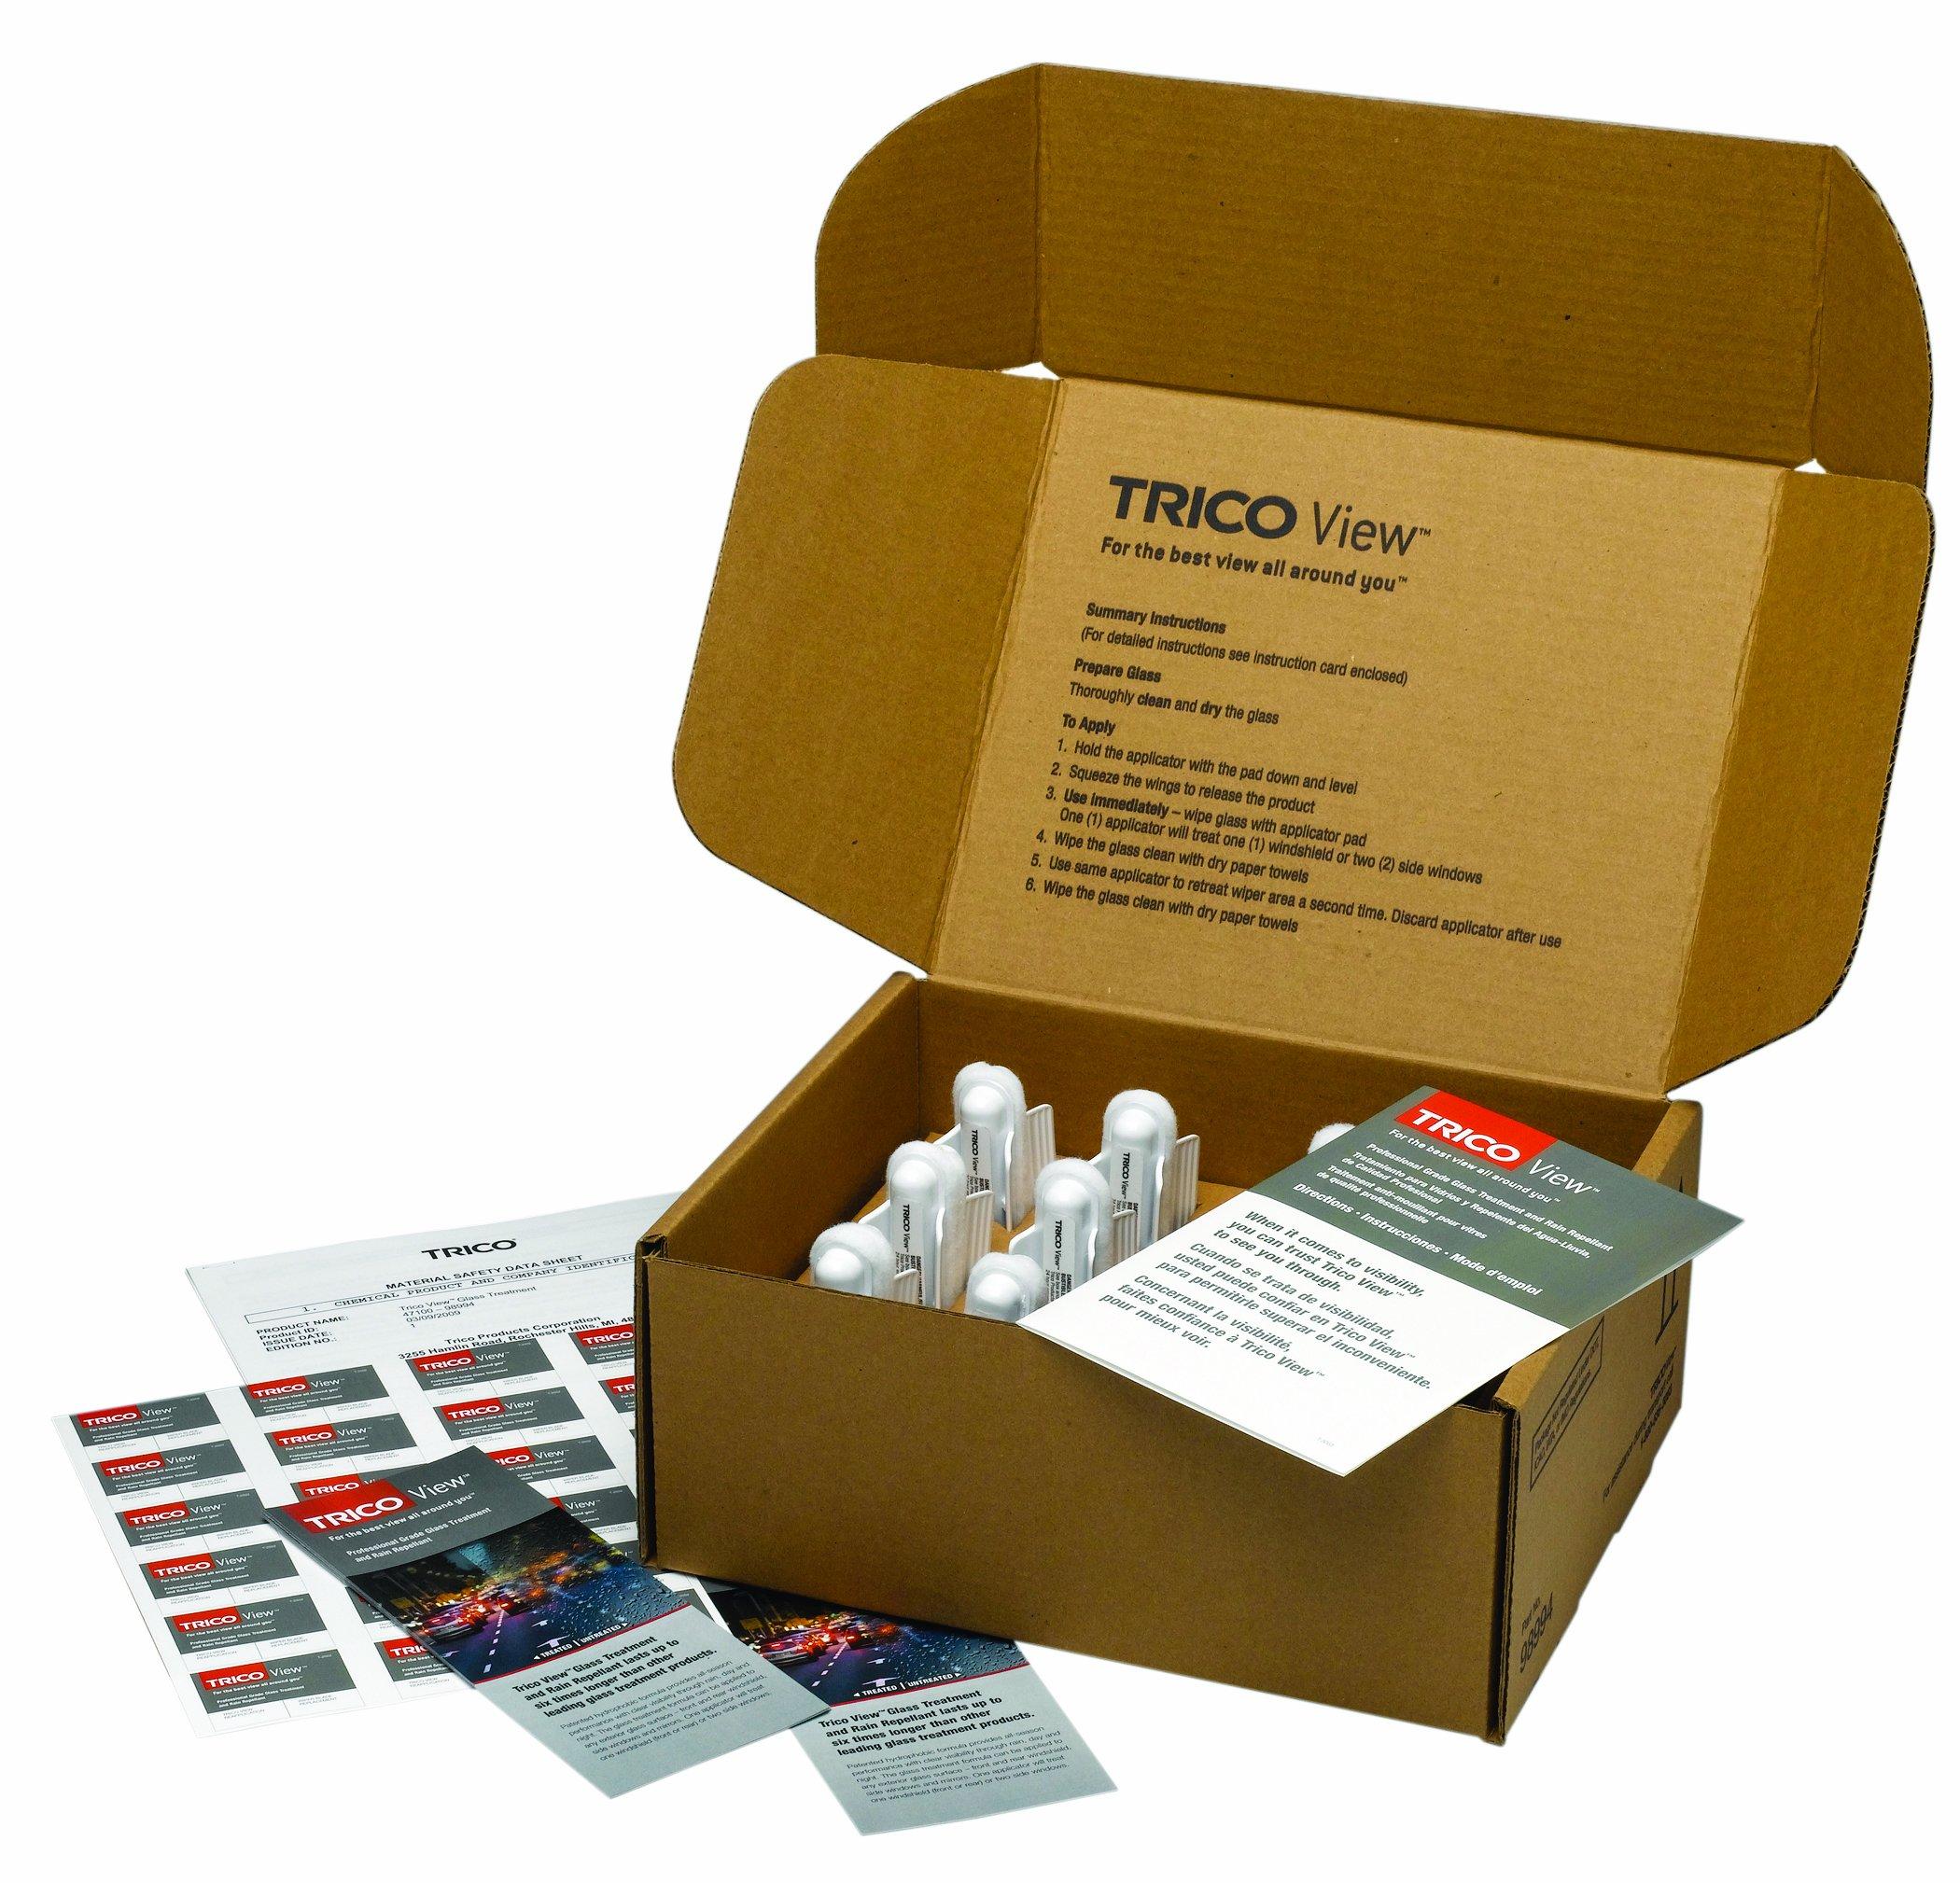 Trico 98994 View Glass Treatment and Rain Repellant